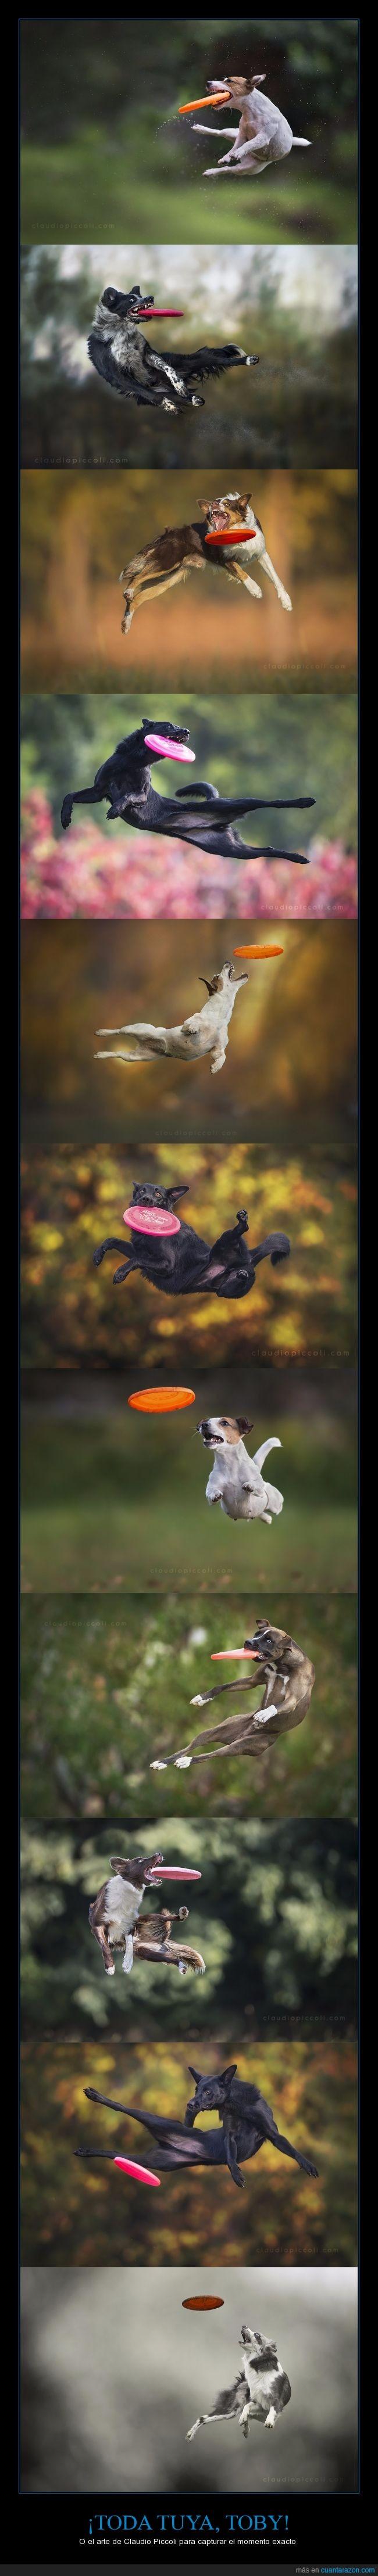 coger,derp,frisbee,momento,perro,saltar,salto